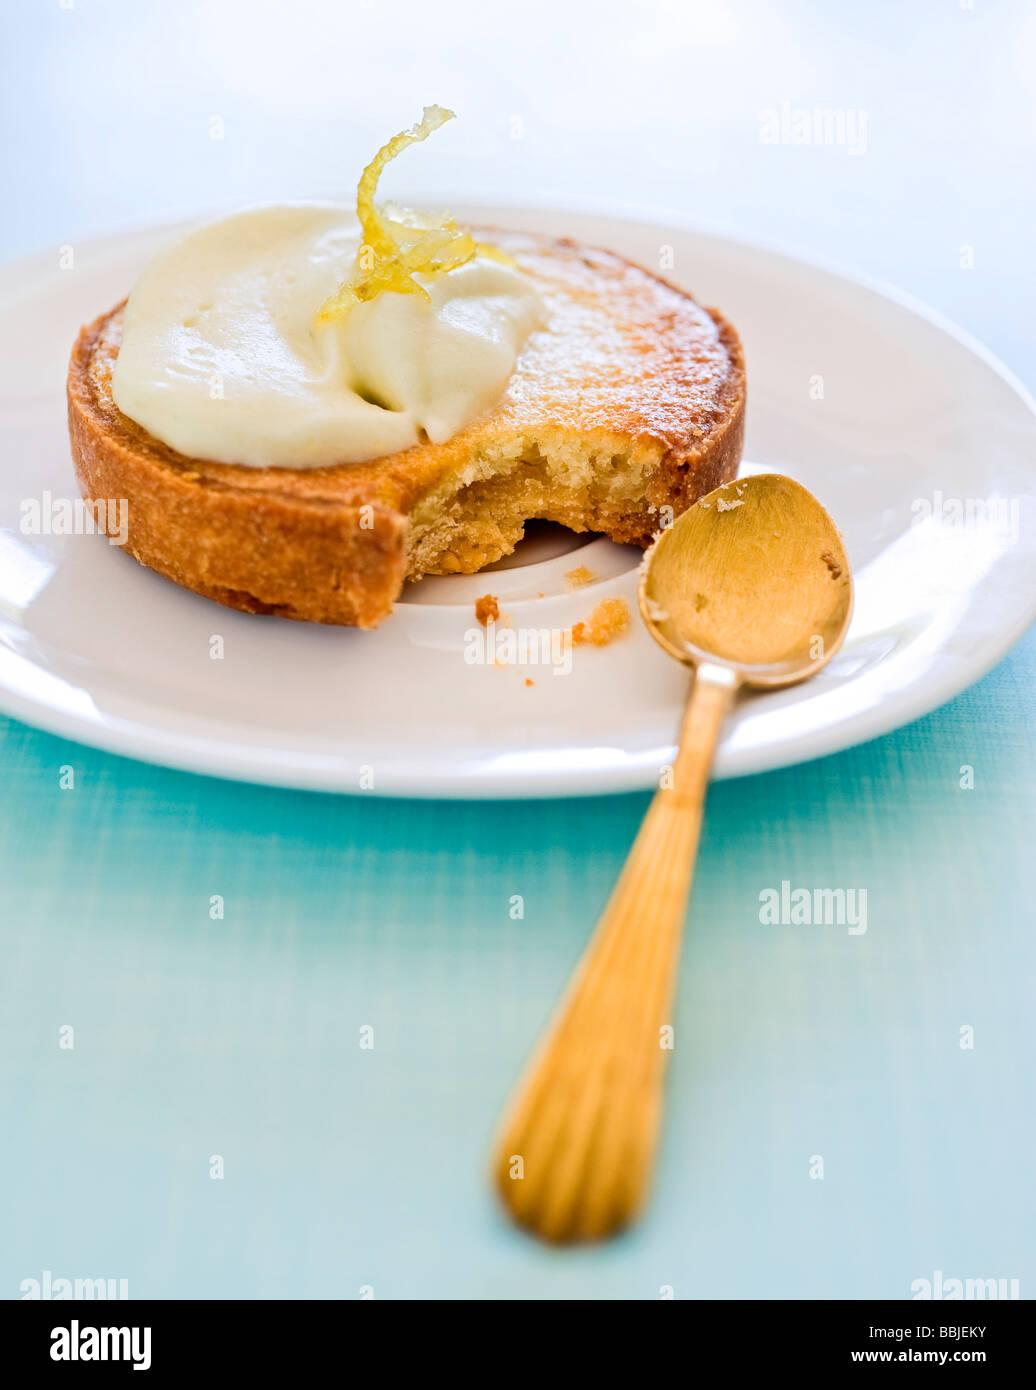 Parzialmente trattati crostata al limone Immagini Stock